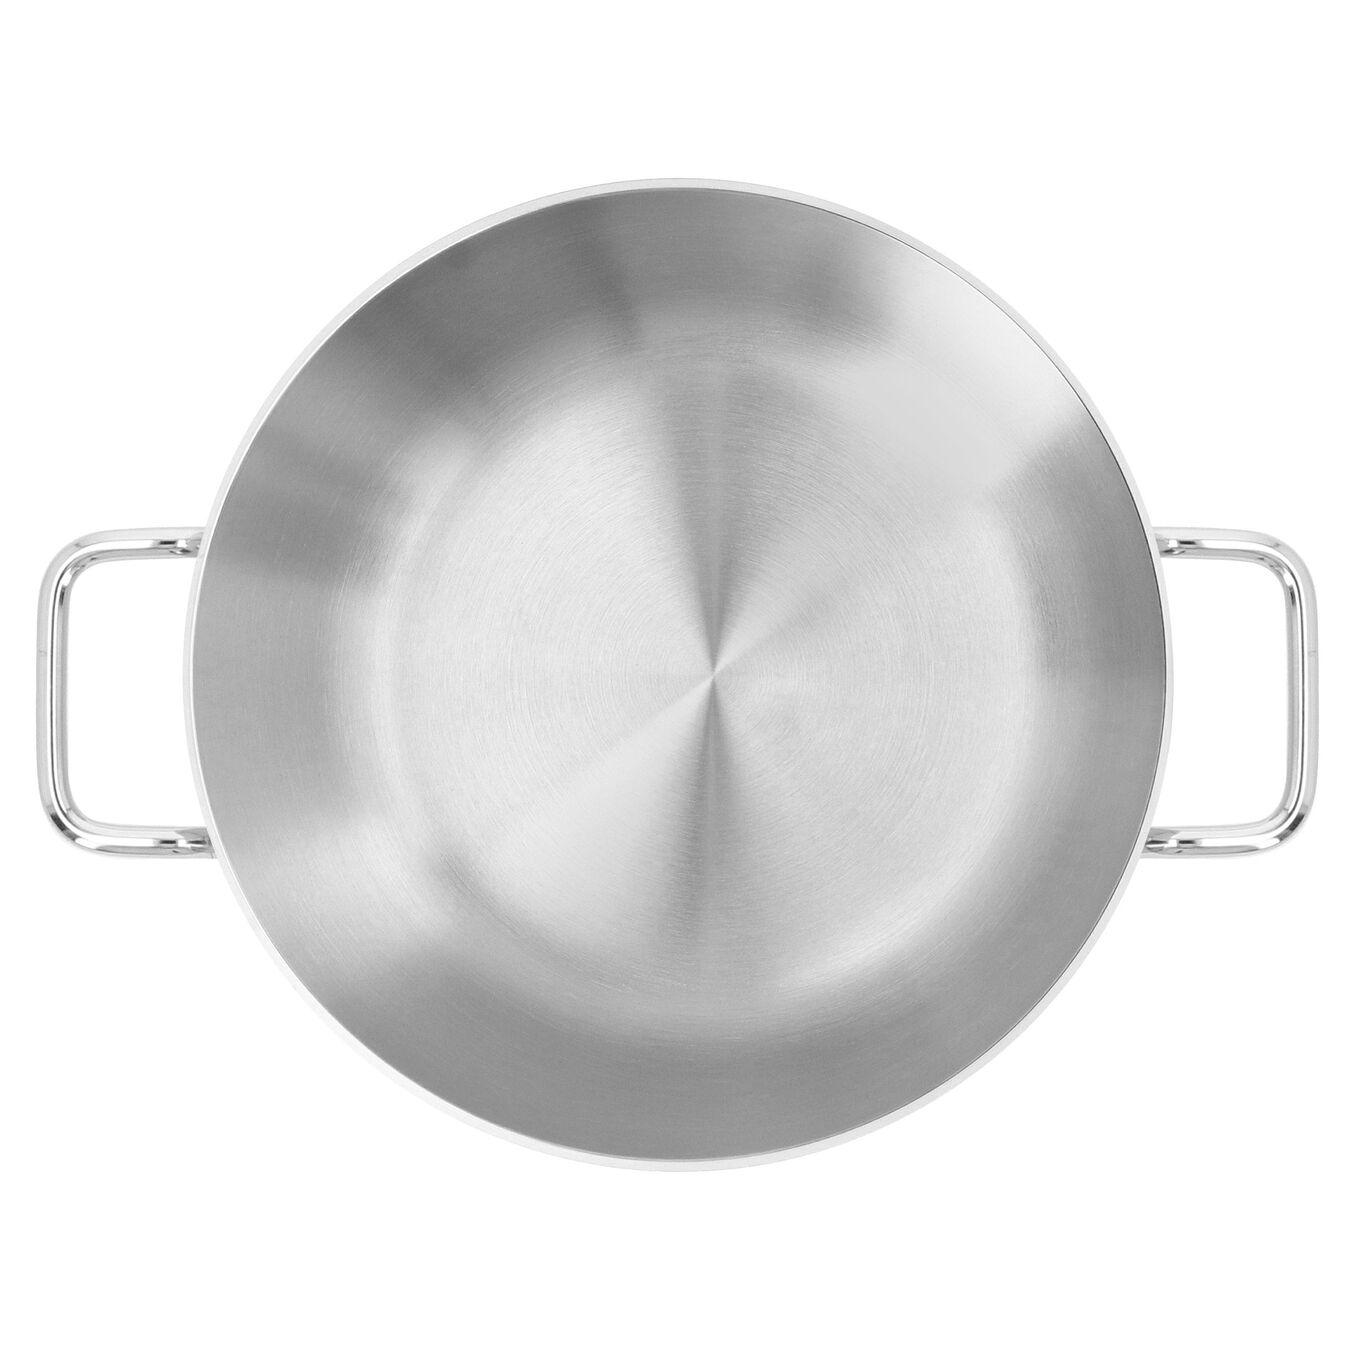 Servierpfanne konisch, 24 cm | rund,,large 3